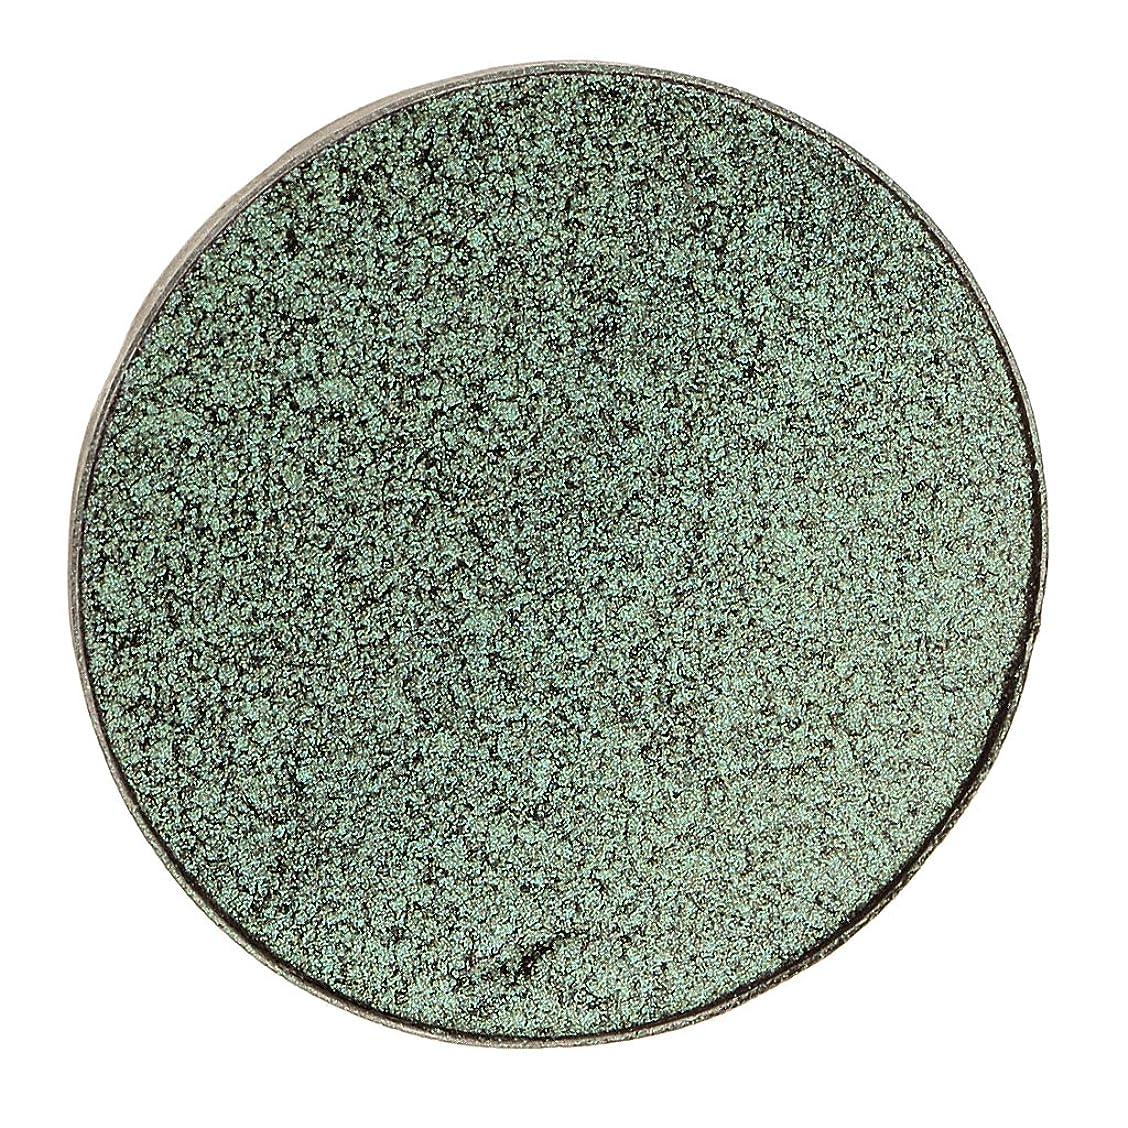 精緻化聖なる予見するPerfeclan 全3種類 メイクアップ 金属 光沢 パウダー アイシャドウ パレット 化粧用 ツール - 8#